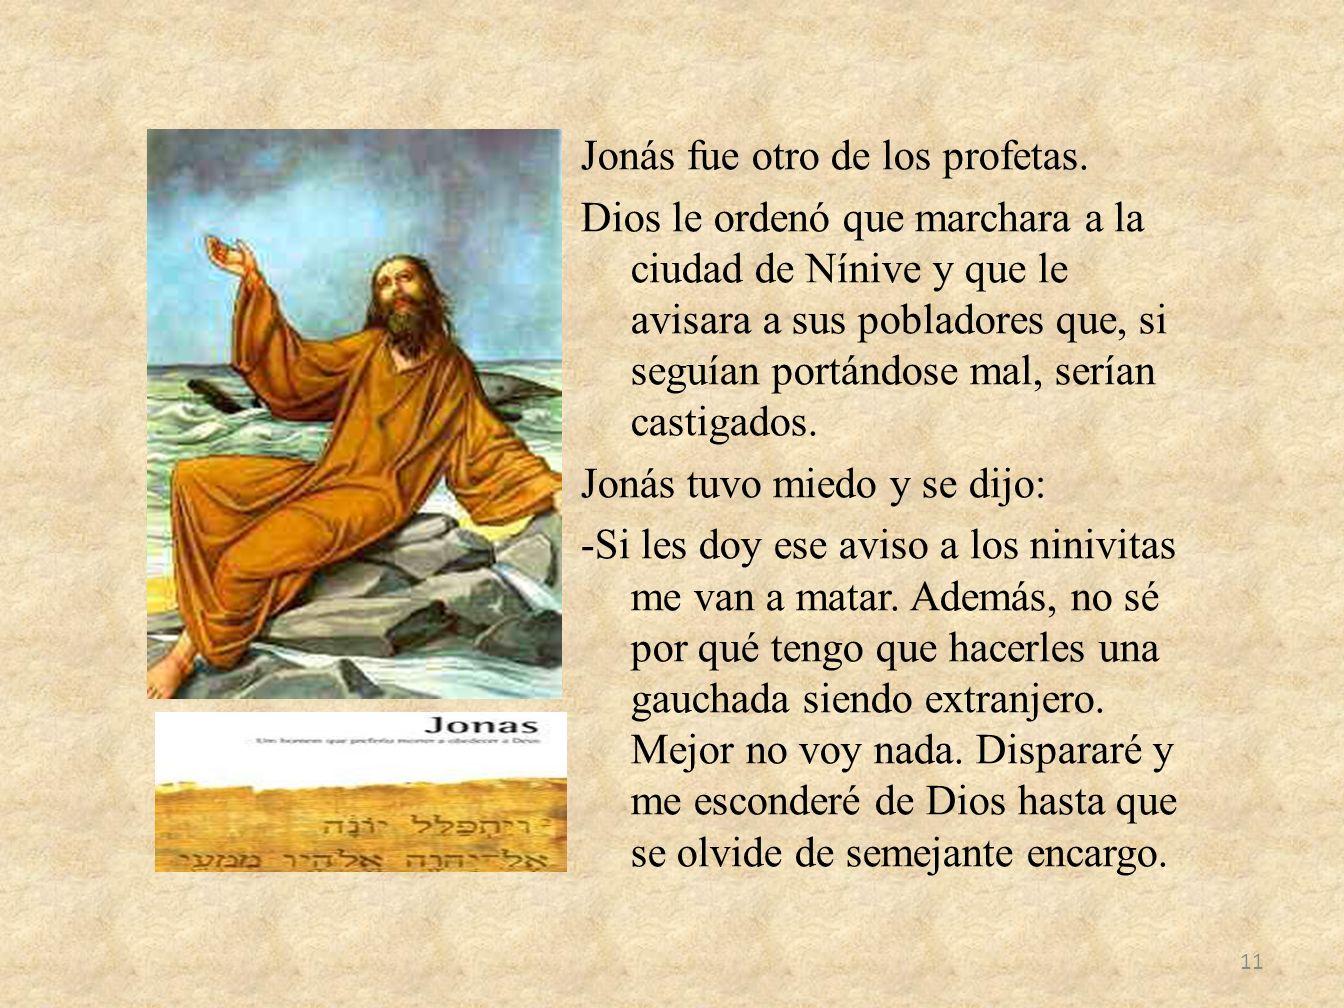 Jonás fue otro de los profetas